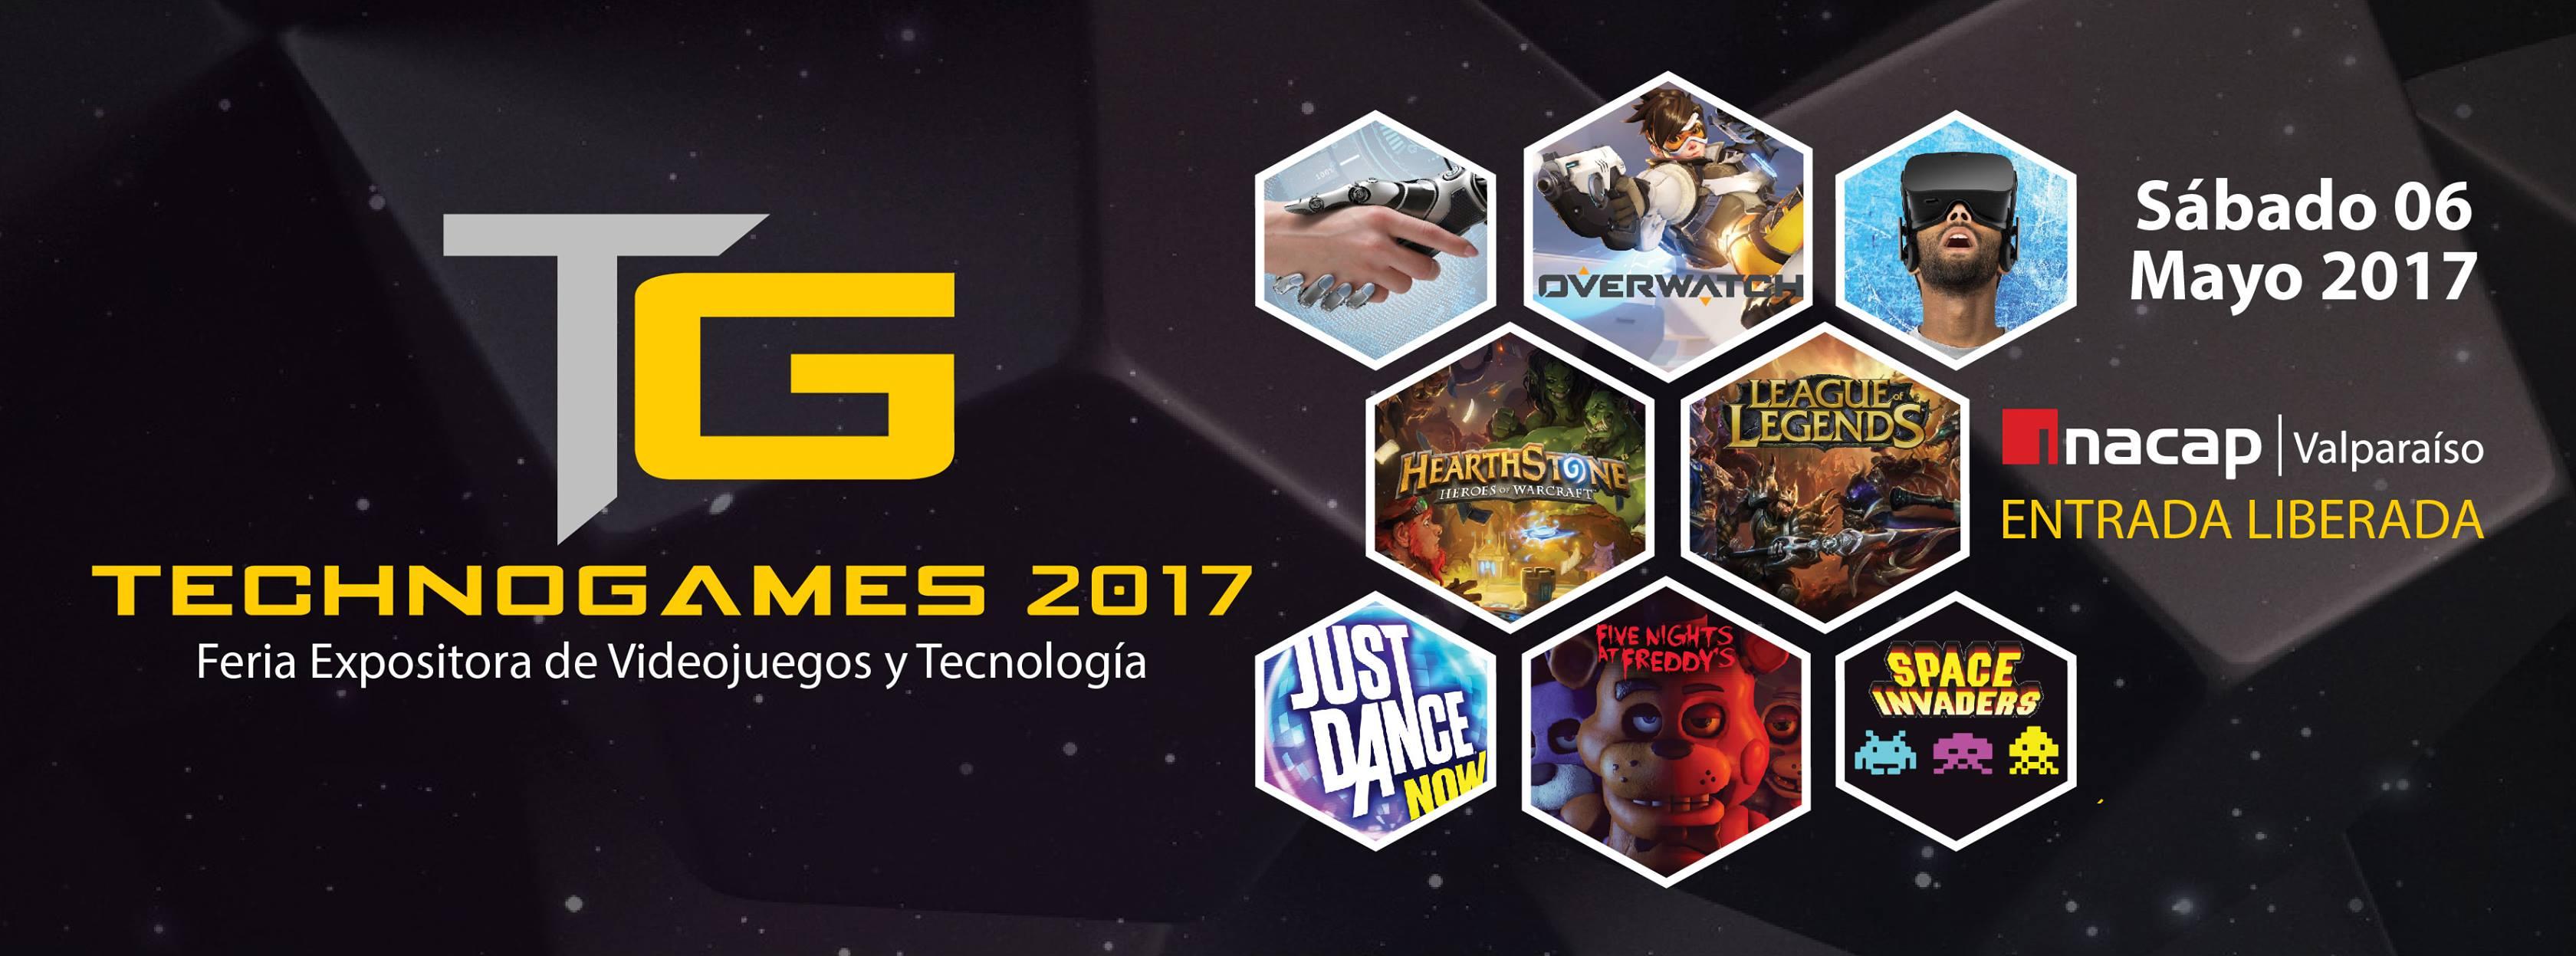 Gr fica technogames 2017 ecopass